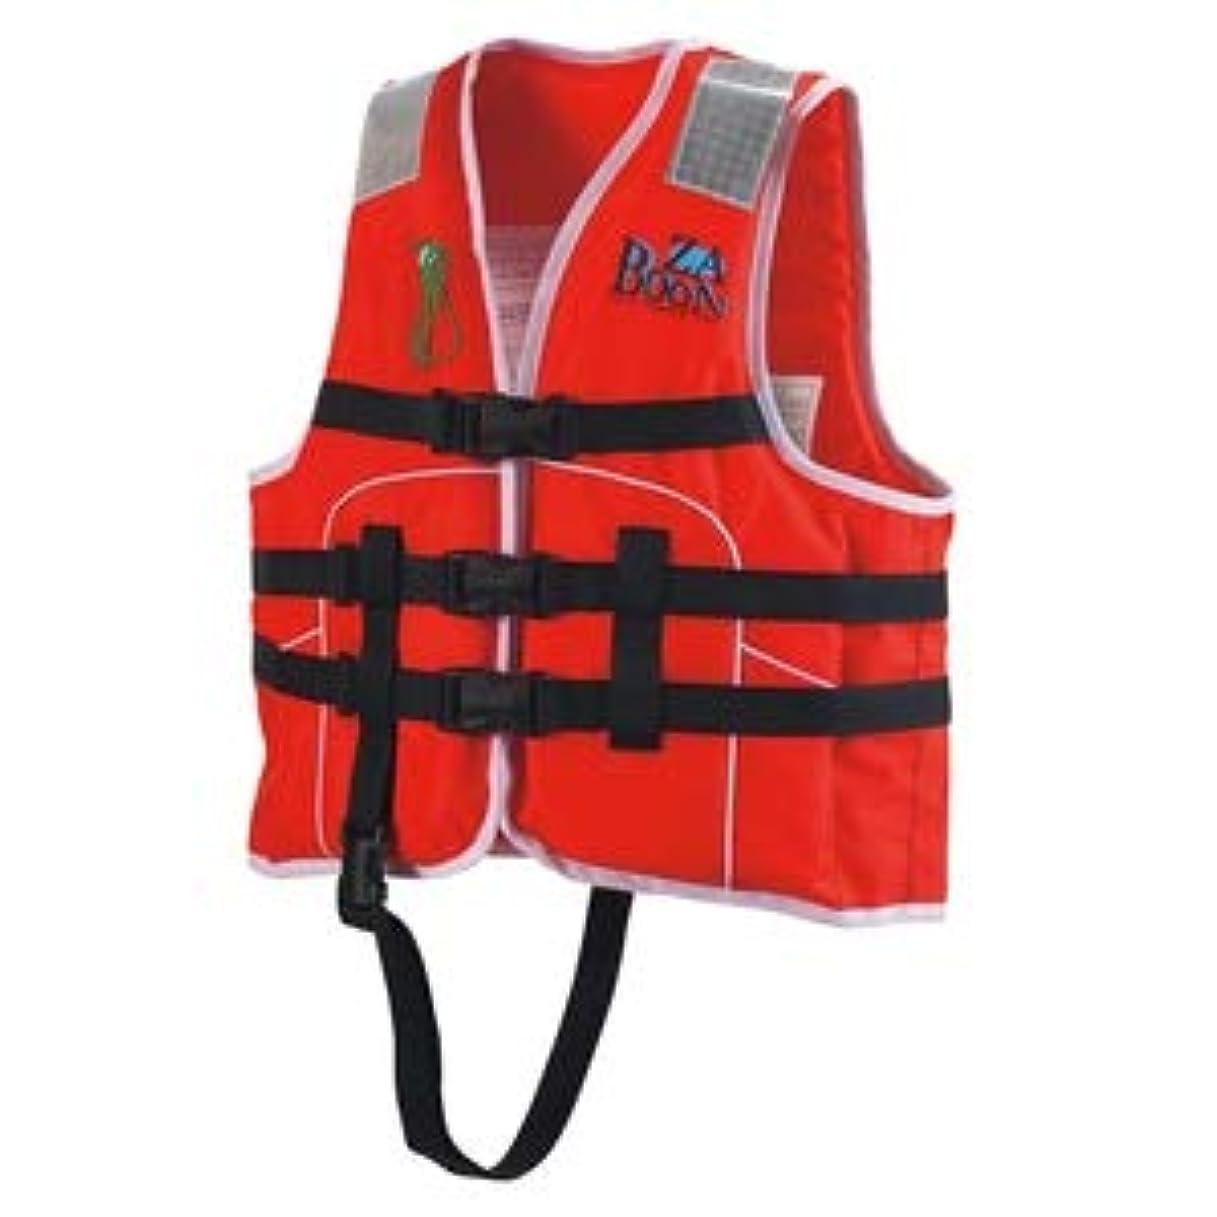 処理予備交換可能ocean life(オーシャンライフ) 国土交通省型式承認ライフジャケット 小型船舶小児用救命胴衣 Jr-1S型 Sレッド